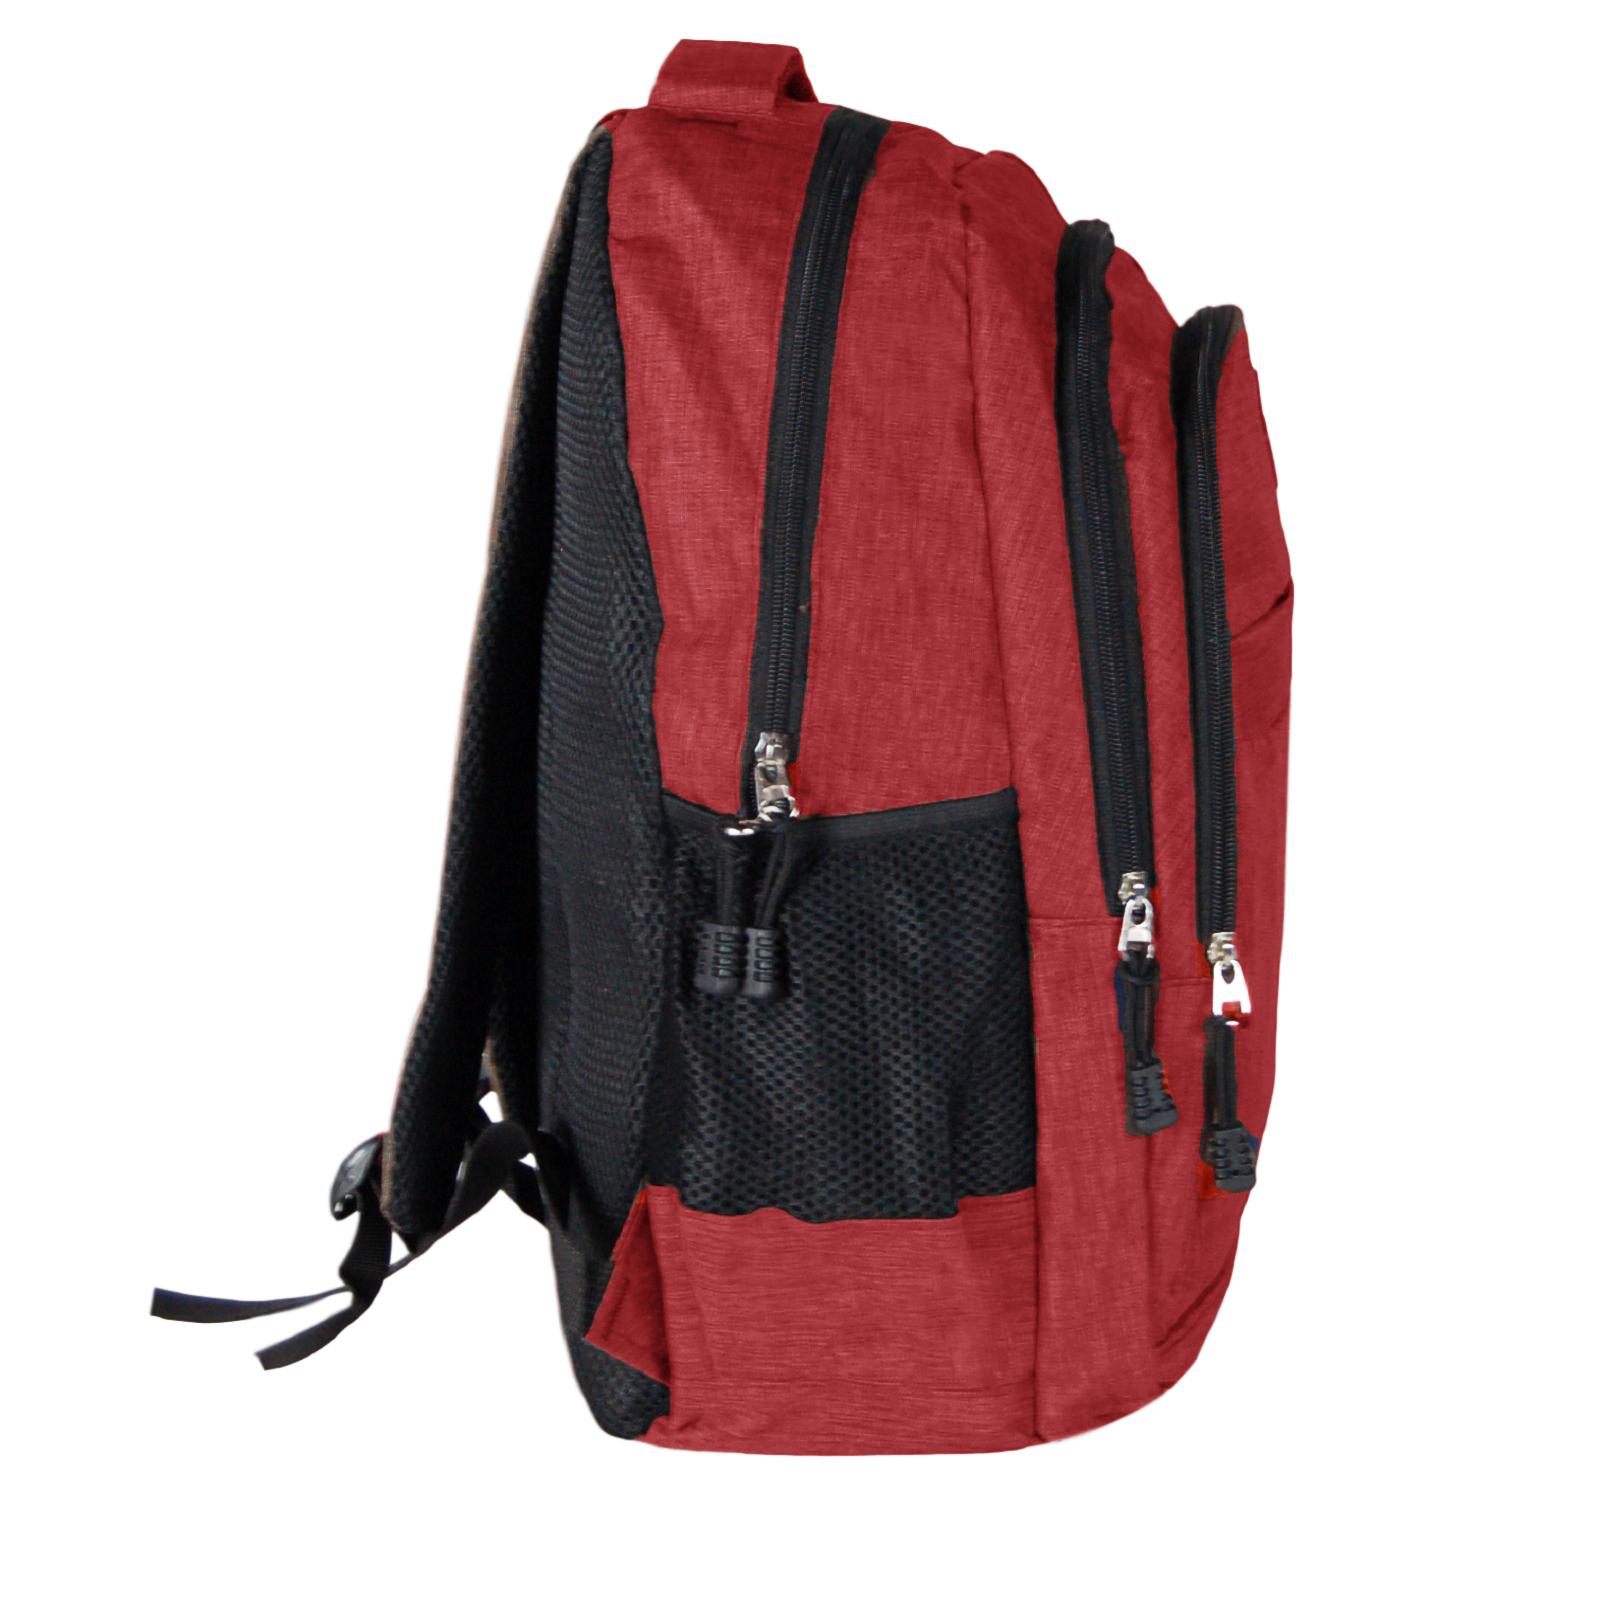 Zaino-Uomo-Donna-Porta-USB-Multitasche-Viaggio-Rosso-Blu-Nero-Grigio miniatura 31